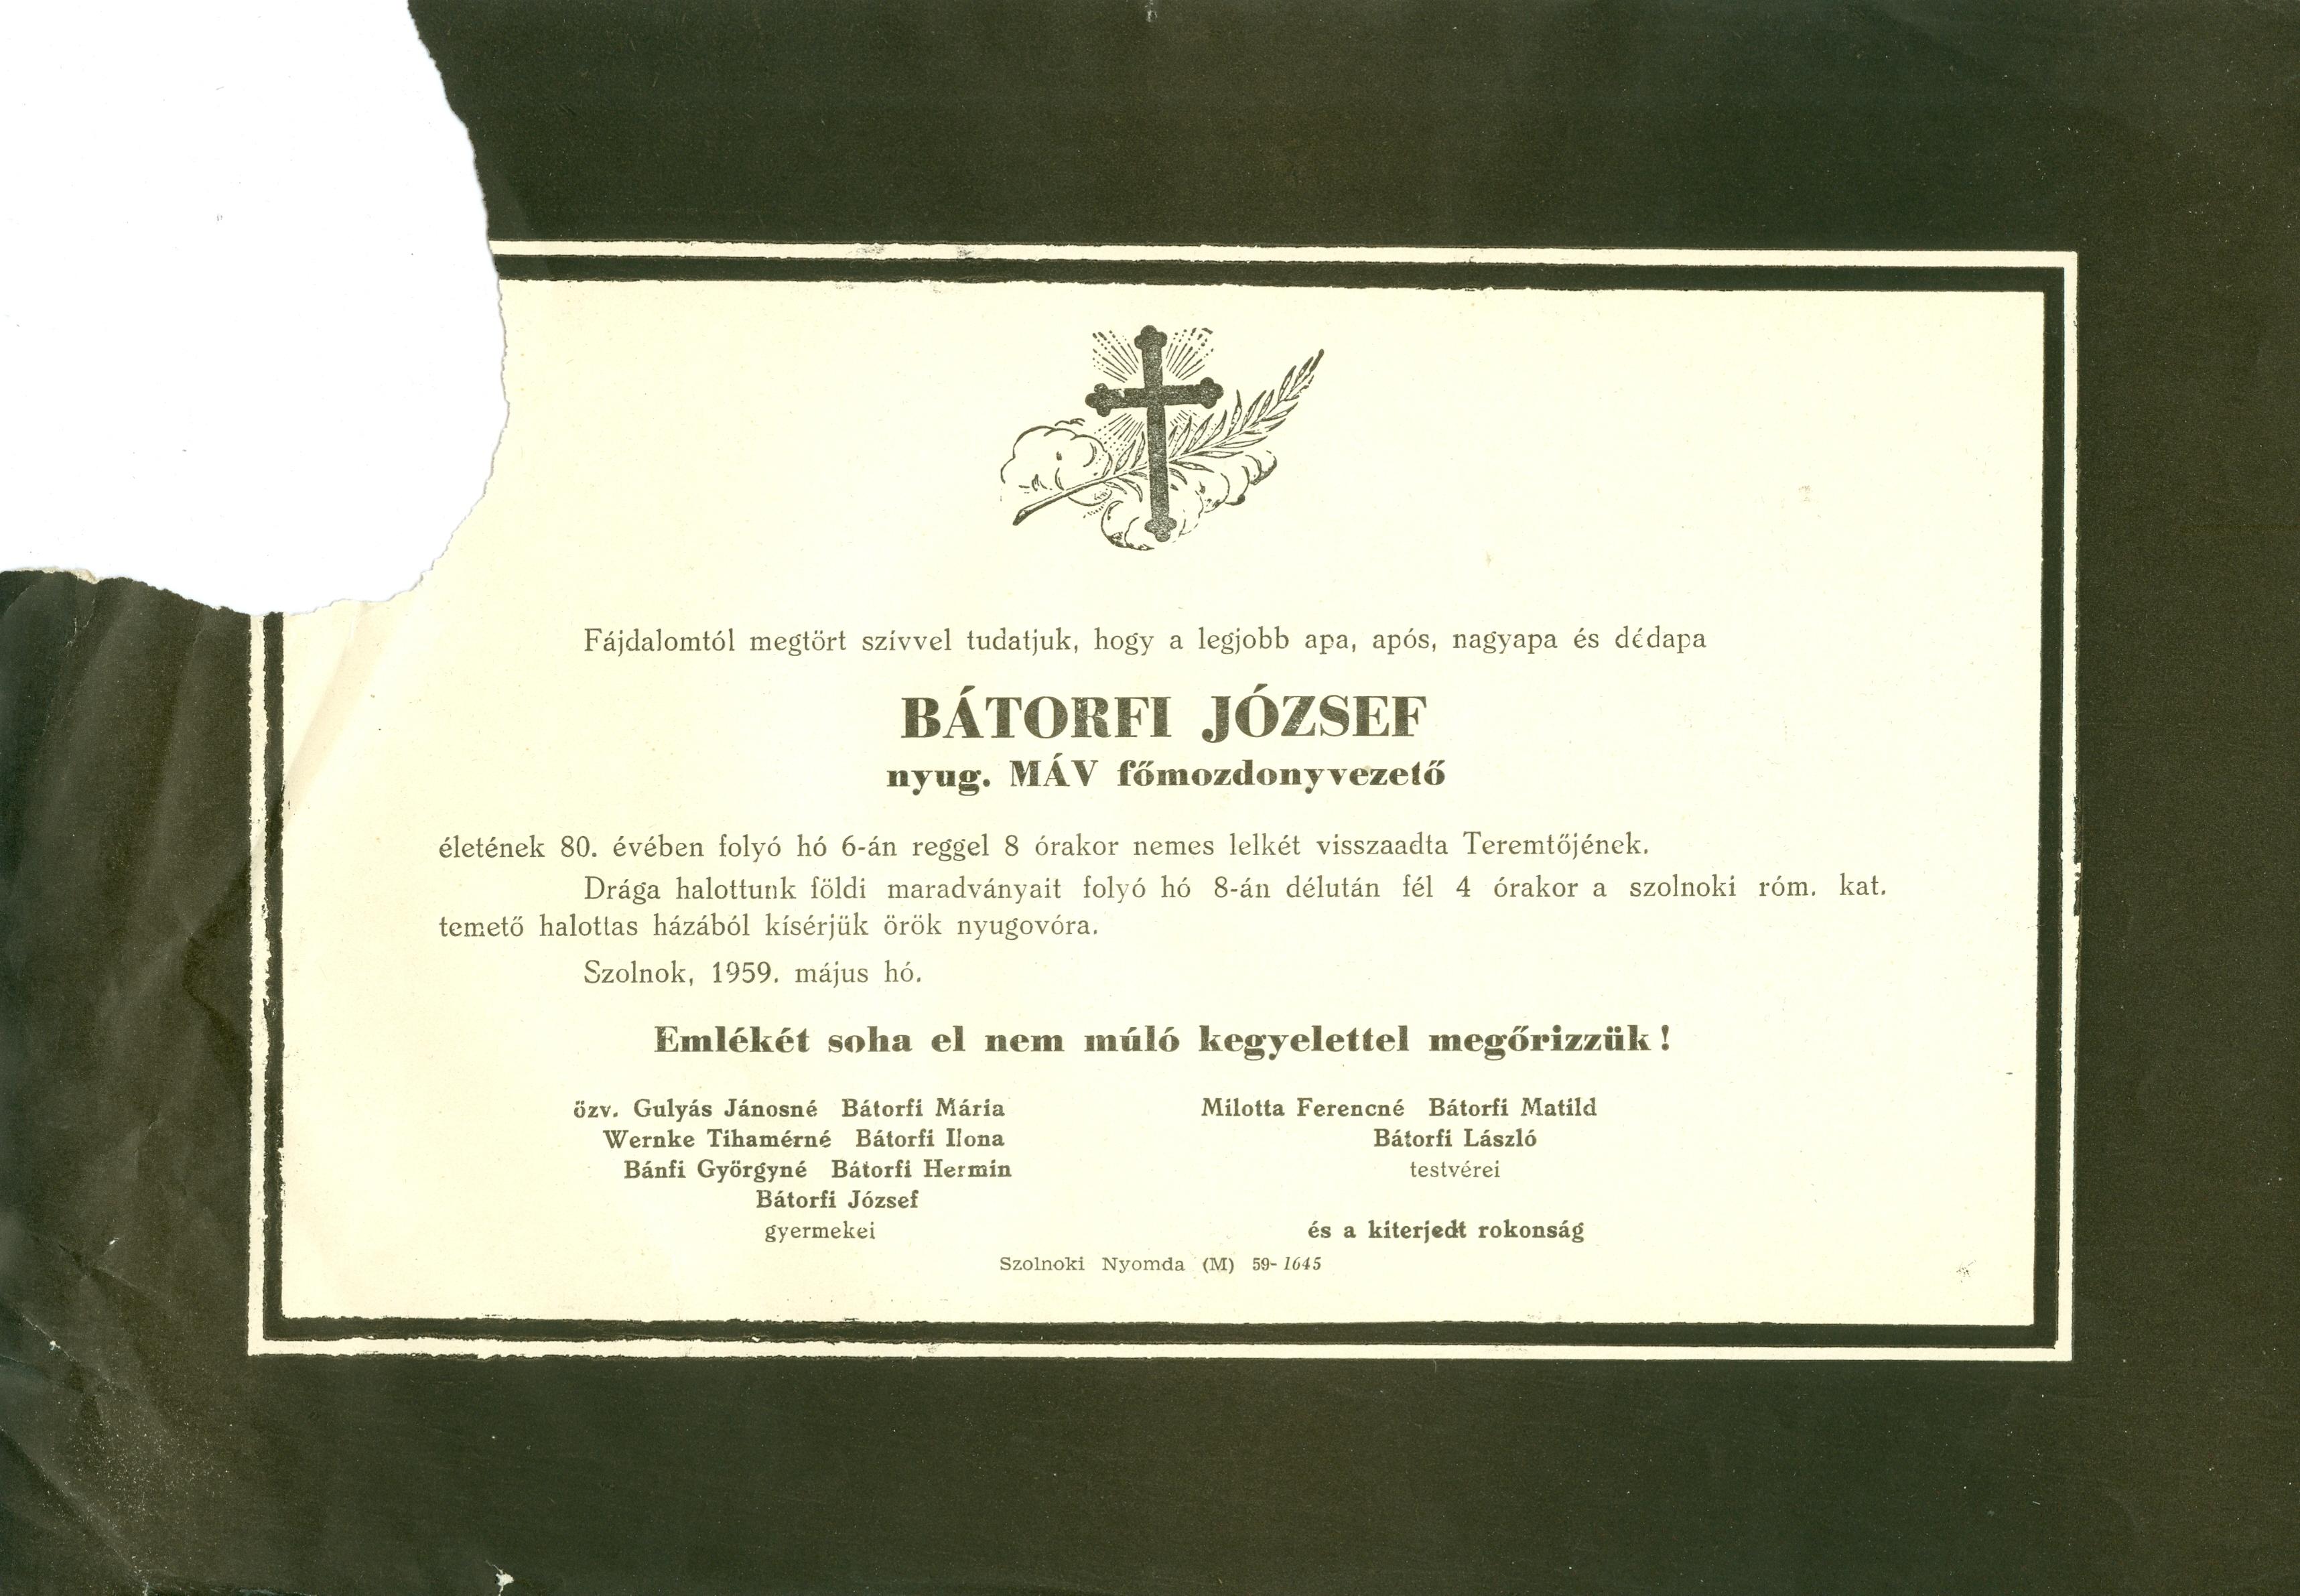 Bátorfi József